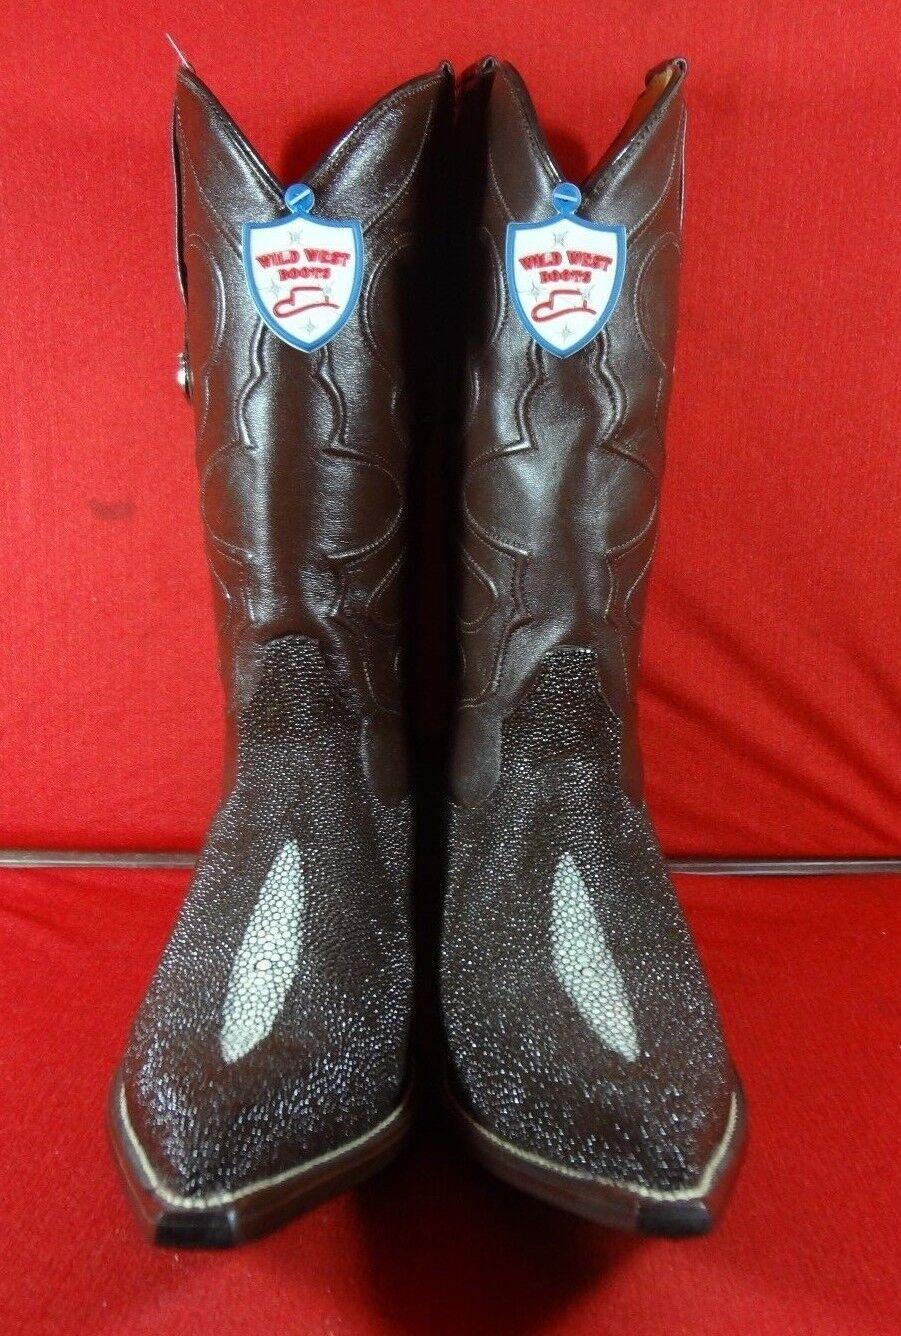 Herren Exotic STINgrau  Western Cowboy Stiefel C94